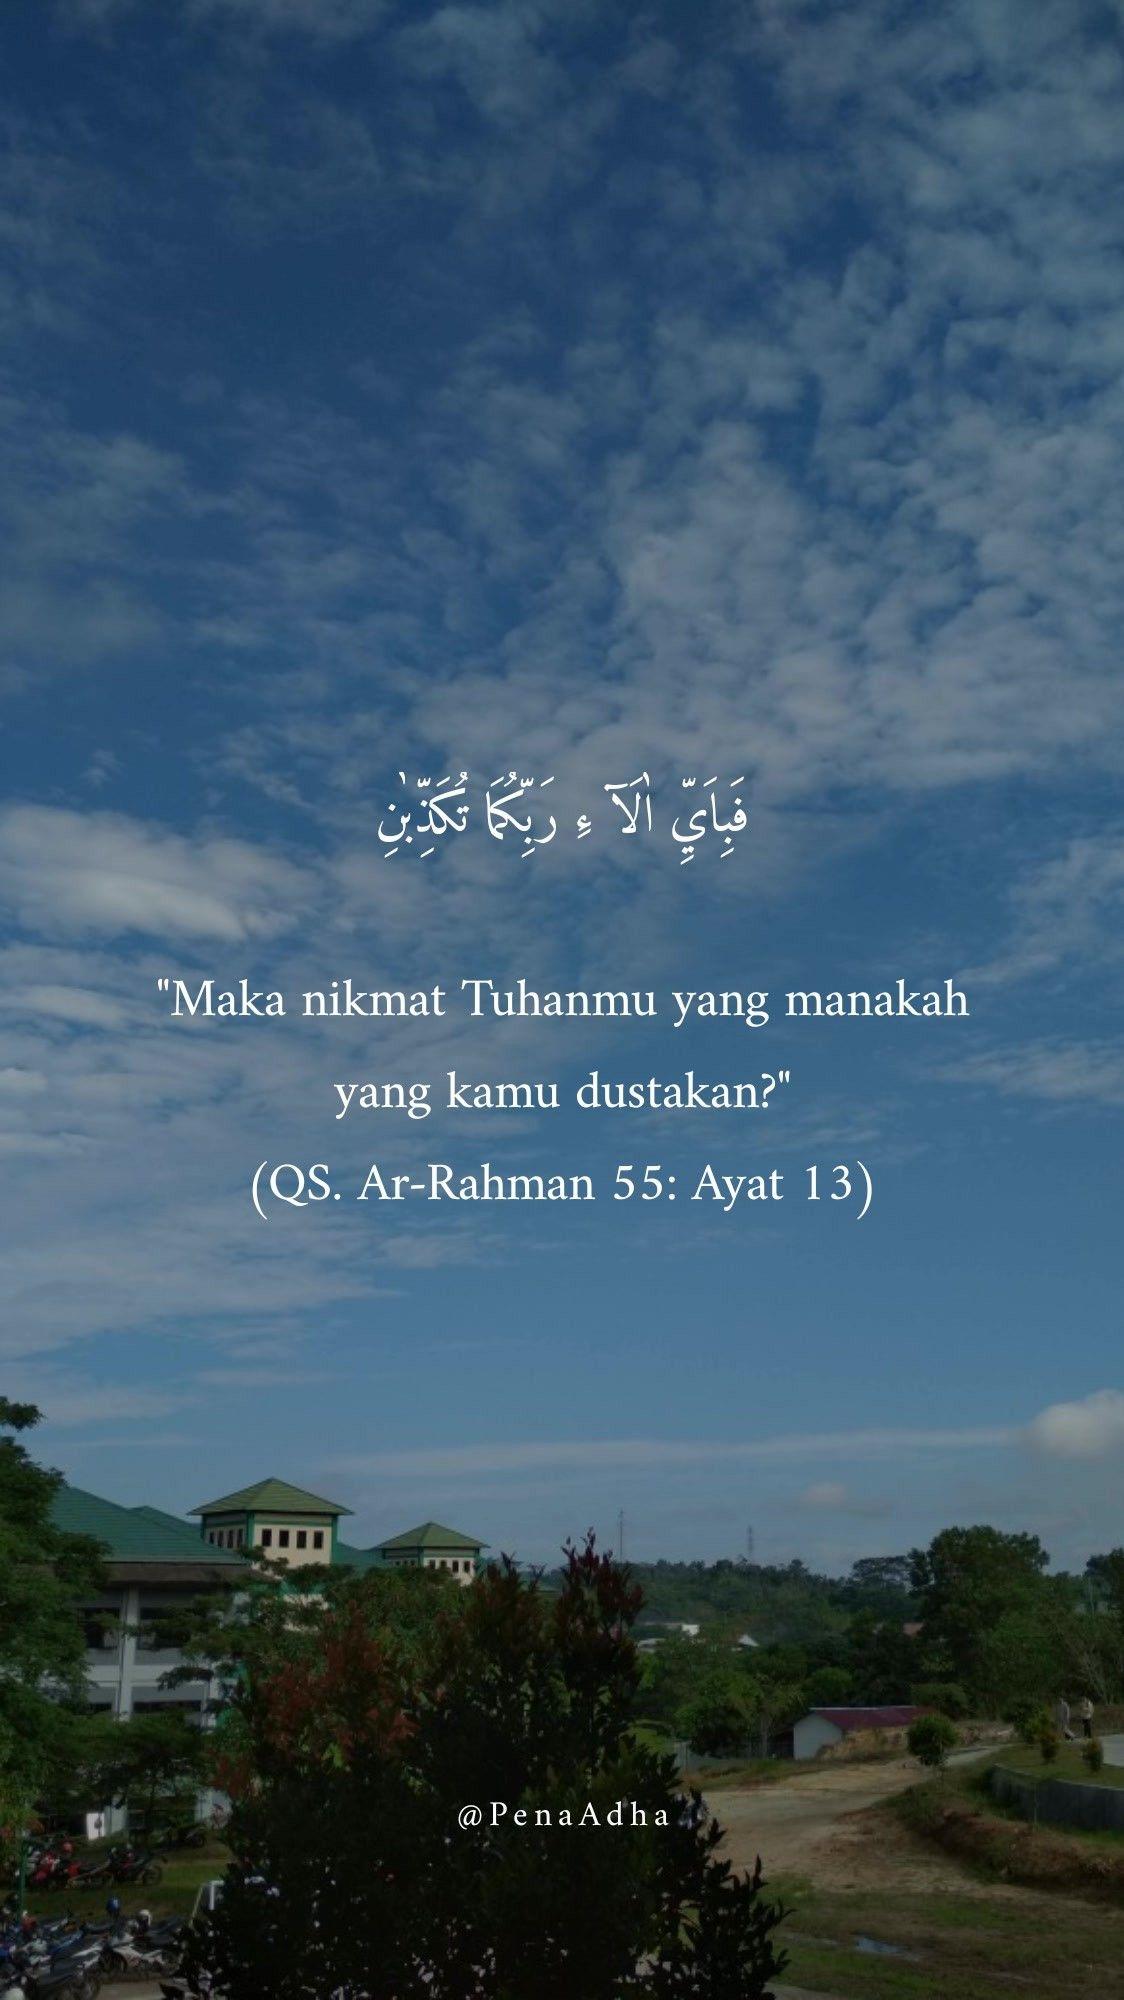 Maka Nikmat Tuhanmu Yang Manakah : nikmat, tuhanmu, manakah, Nikmat, Tuhanmu, Manakah, Dustakan?